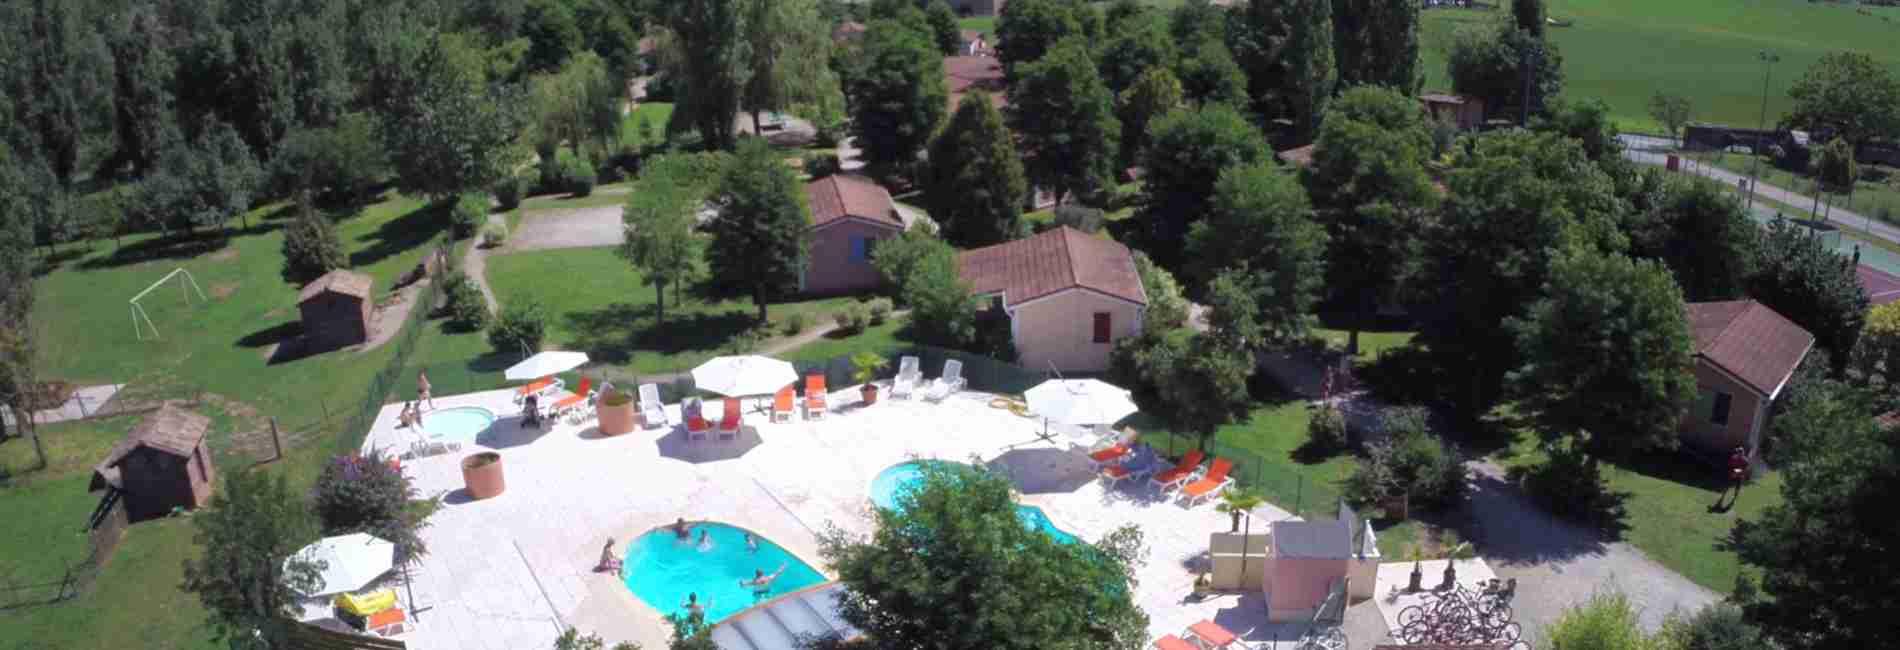 piscine-chauffée-couverte-gites.jpg